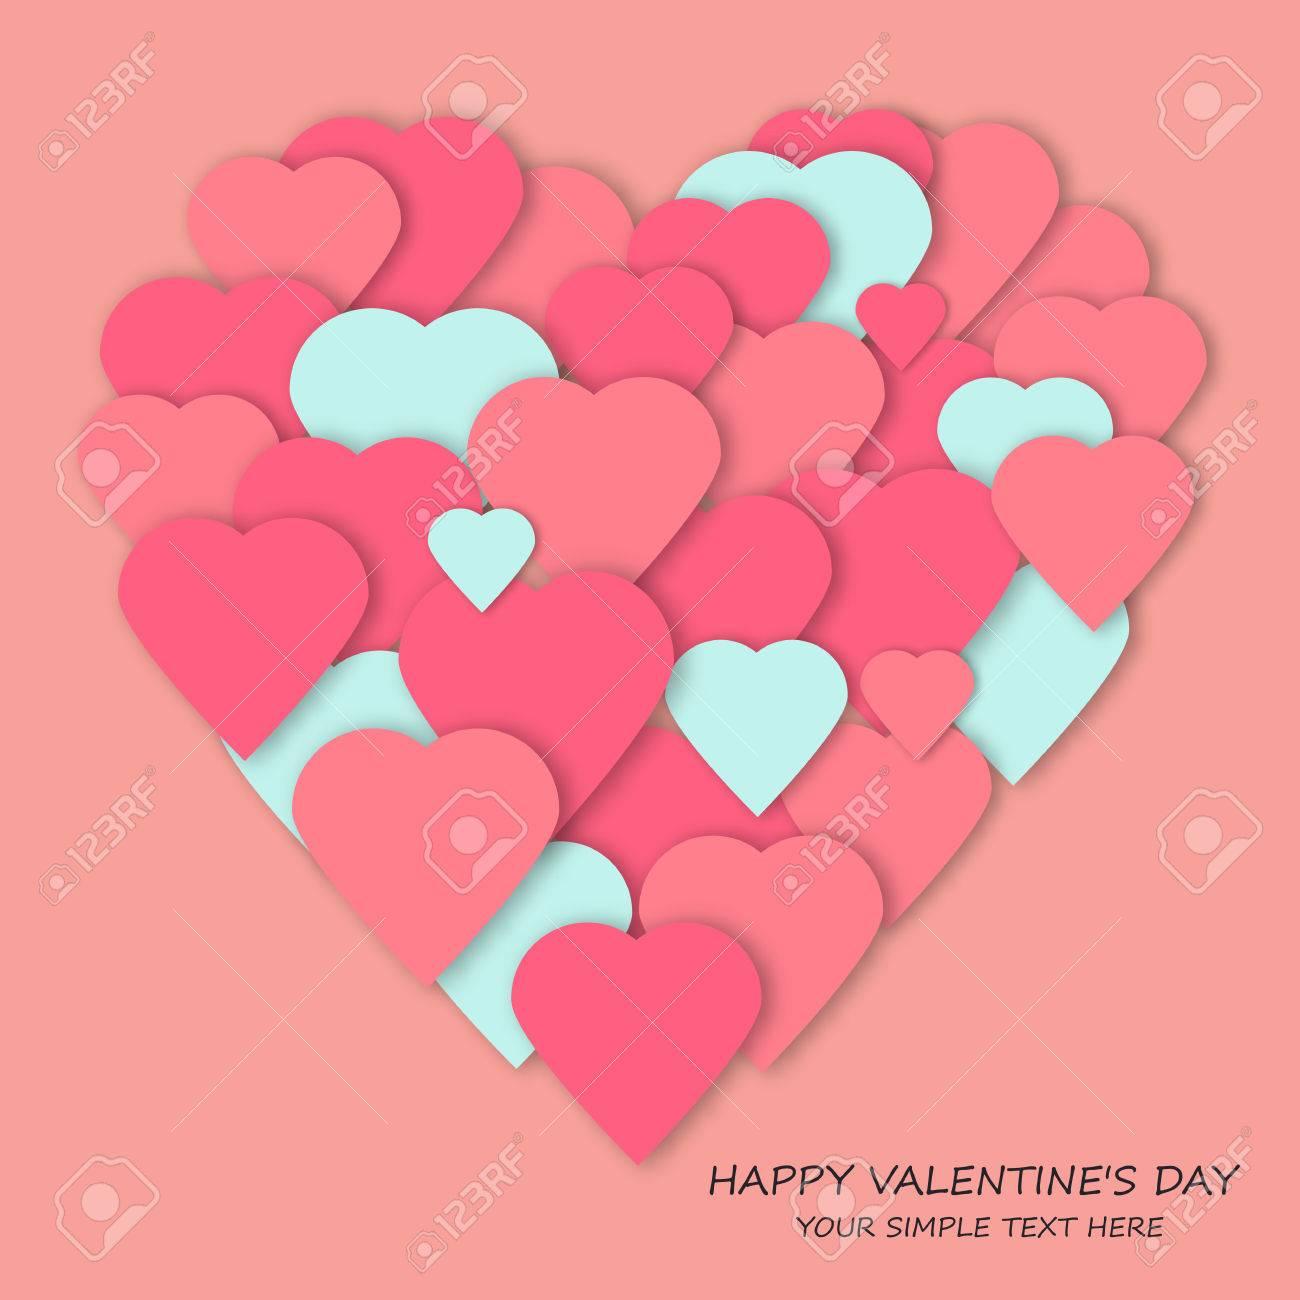 Helle Rosa Papier Herzen Vektor Hintergrund. Vector Herzen Collage In  Herzform. Hochzeit, Jubiläum